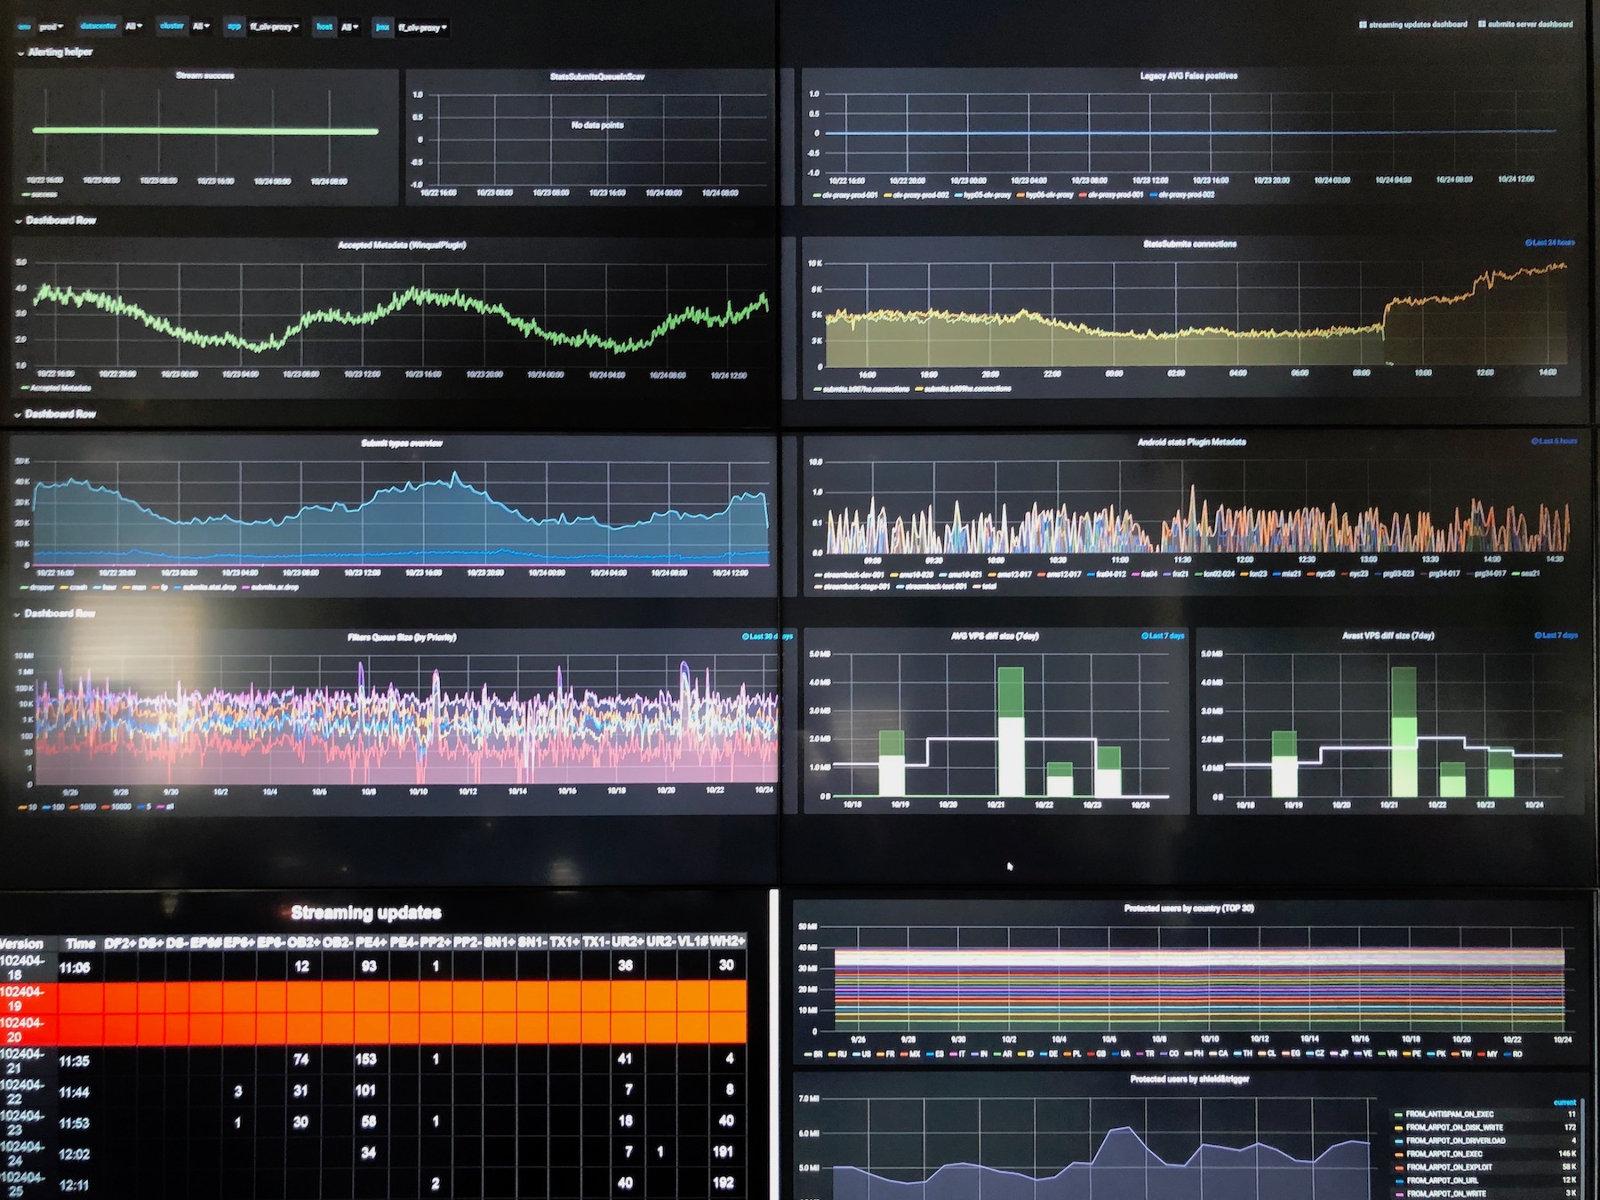 График Streaming Updates — слева внизу, StatsSubmits connections, который мы тоже затронули, — второй сверху в правом столбце